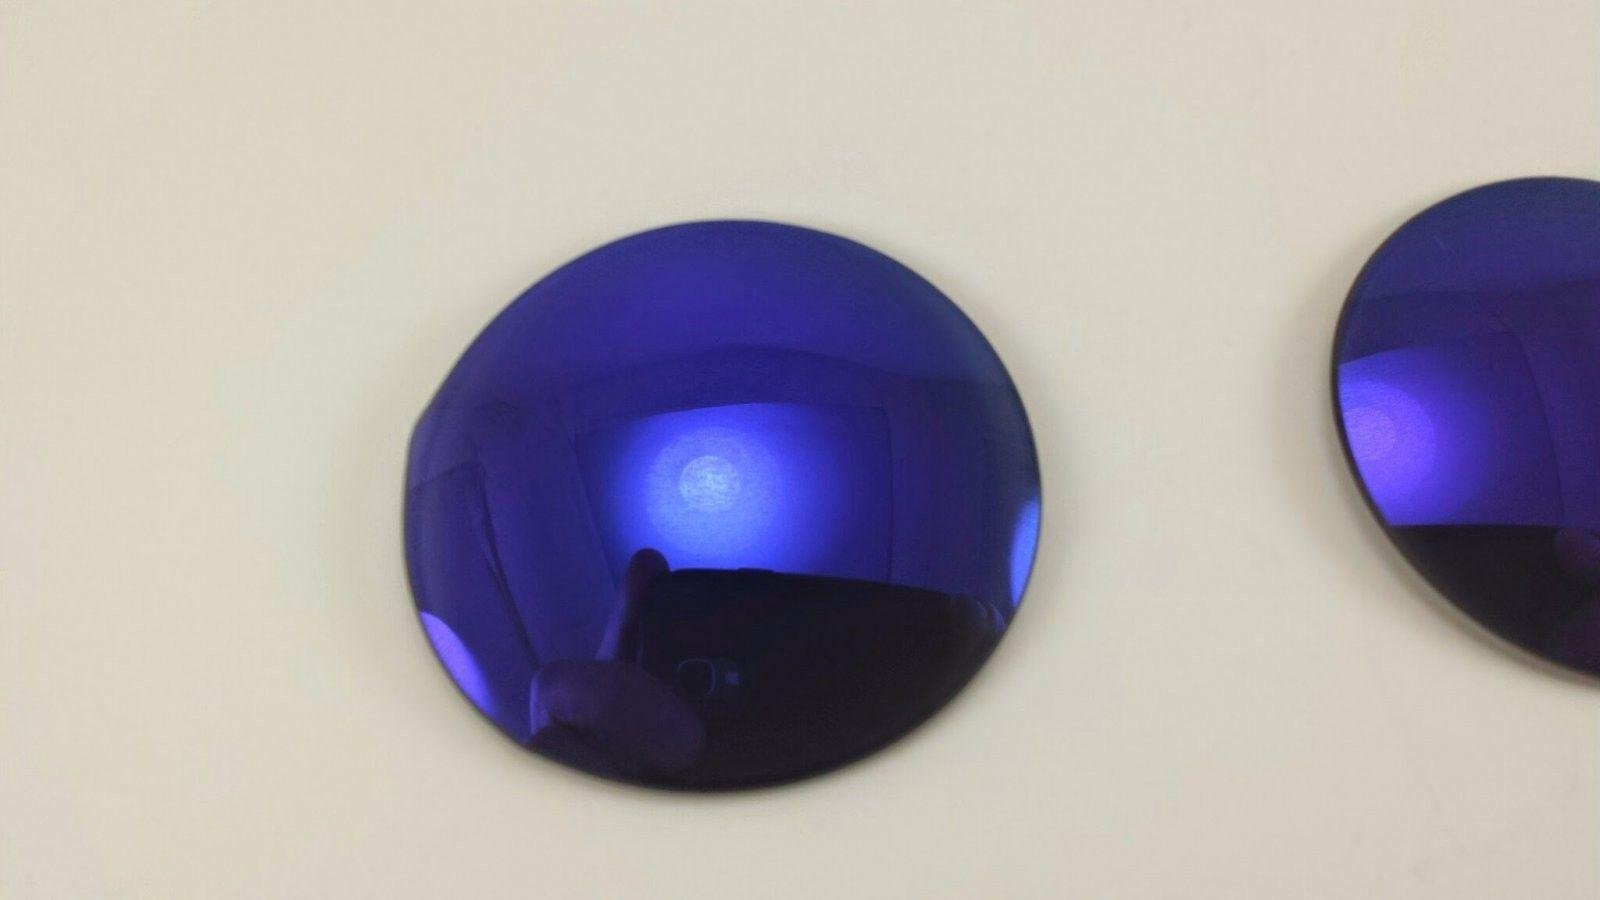 Mars Violet Non-polar Lenses - 20140622_115302.jpg